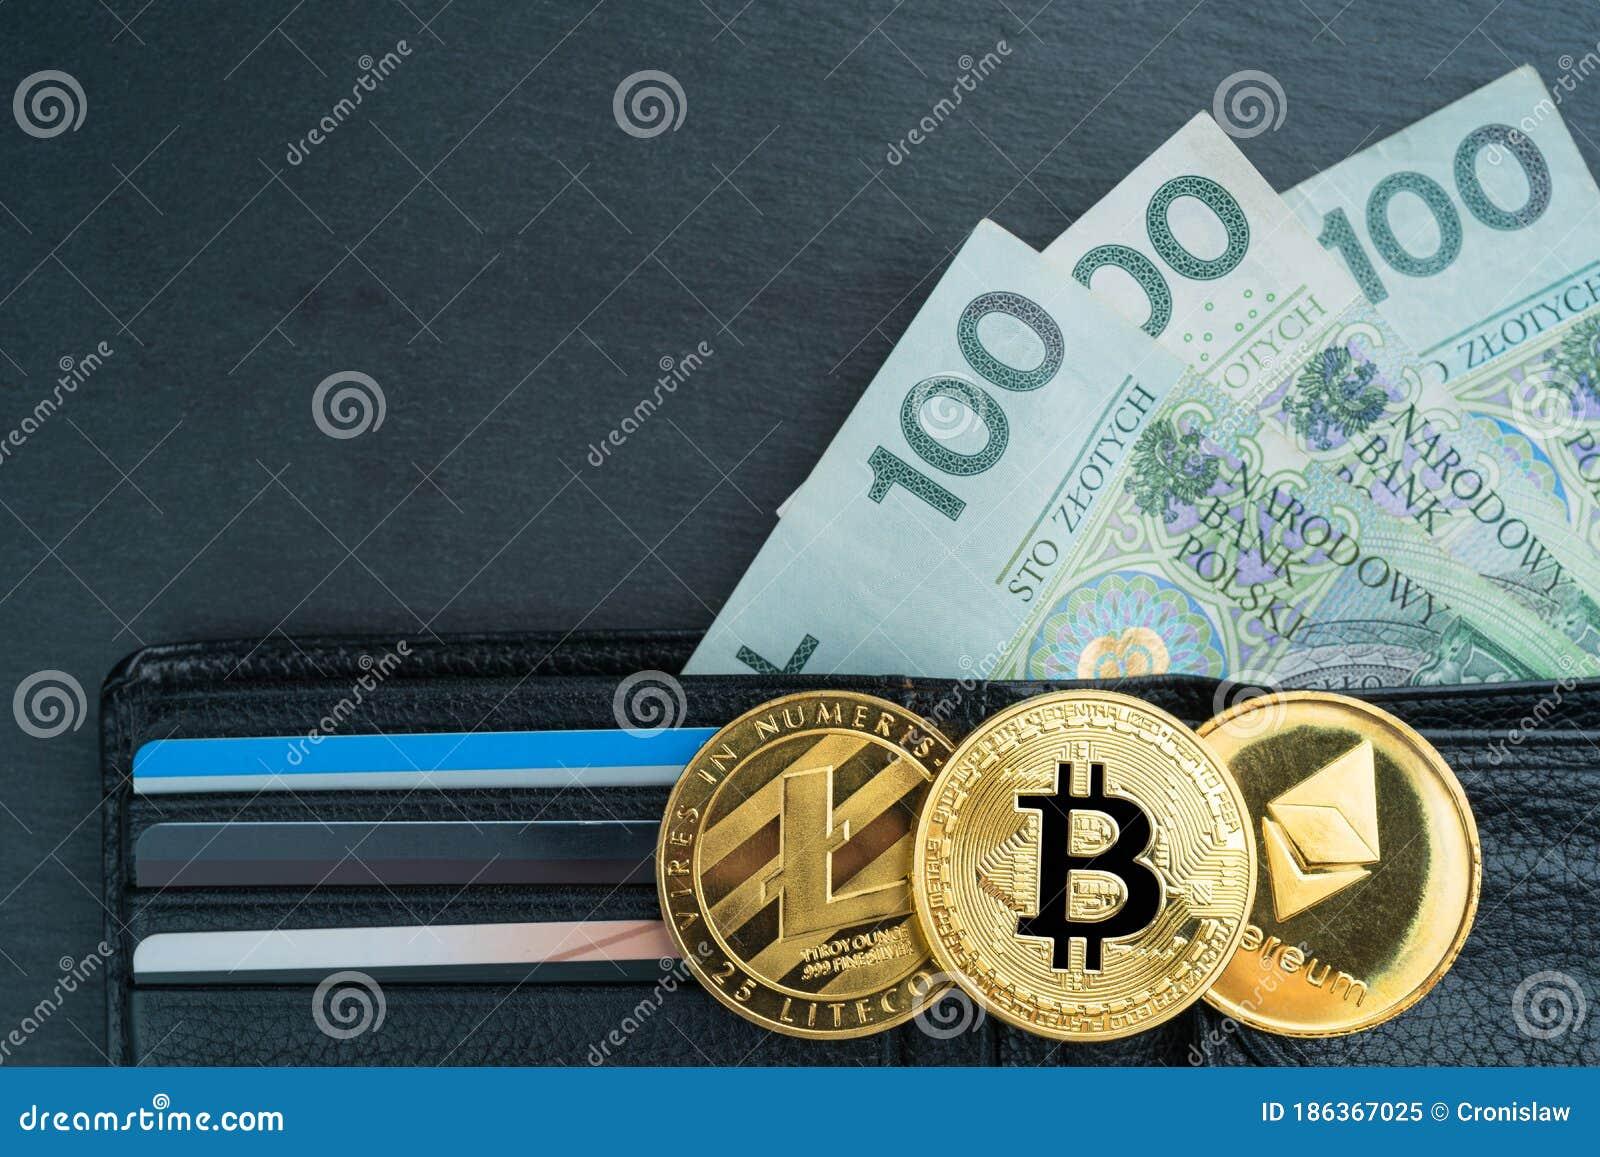 kaip pridėti bitcoin į metatrader lengva bitcoin trade